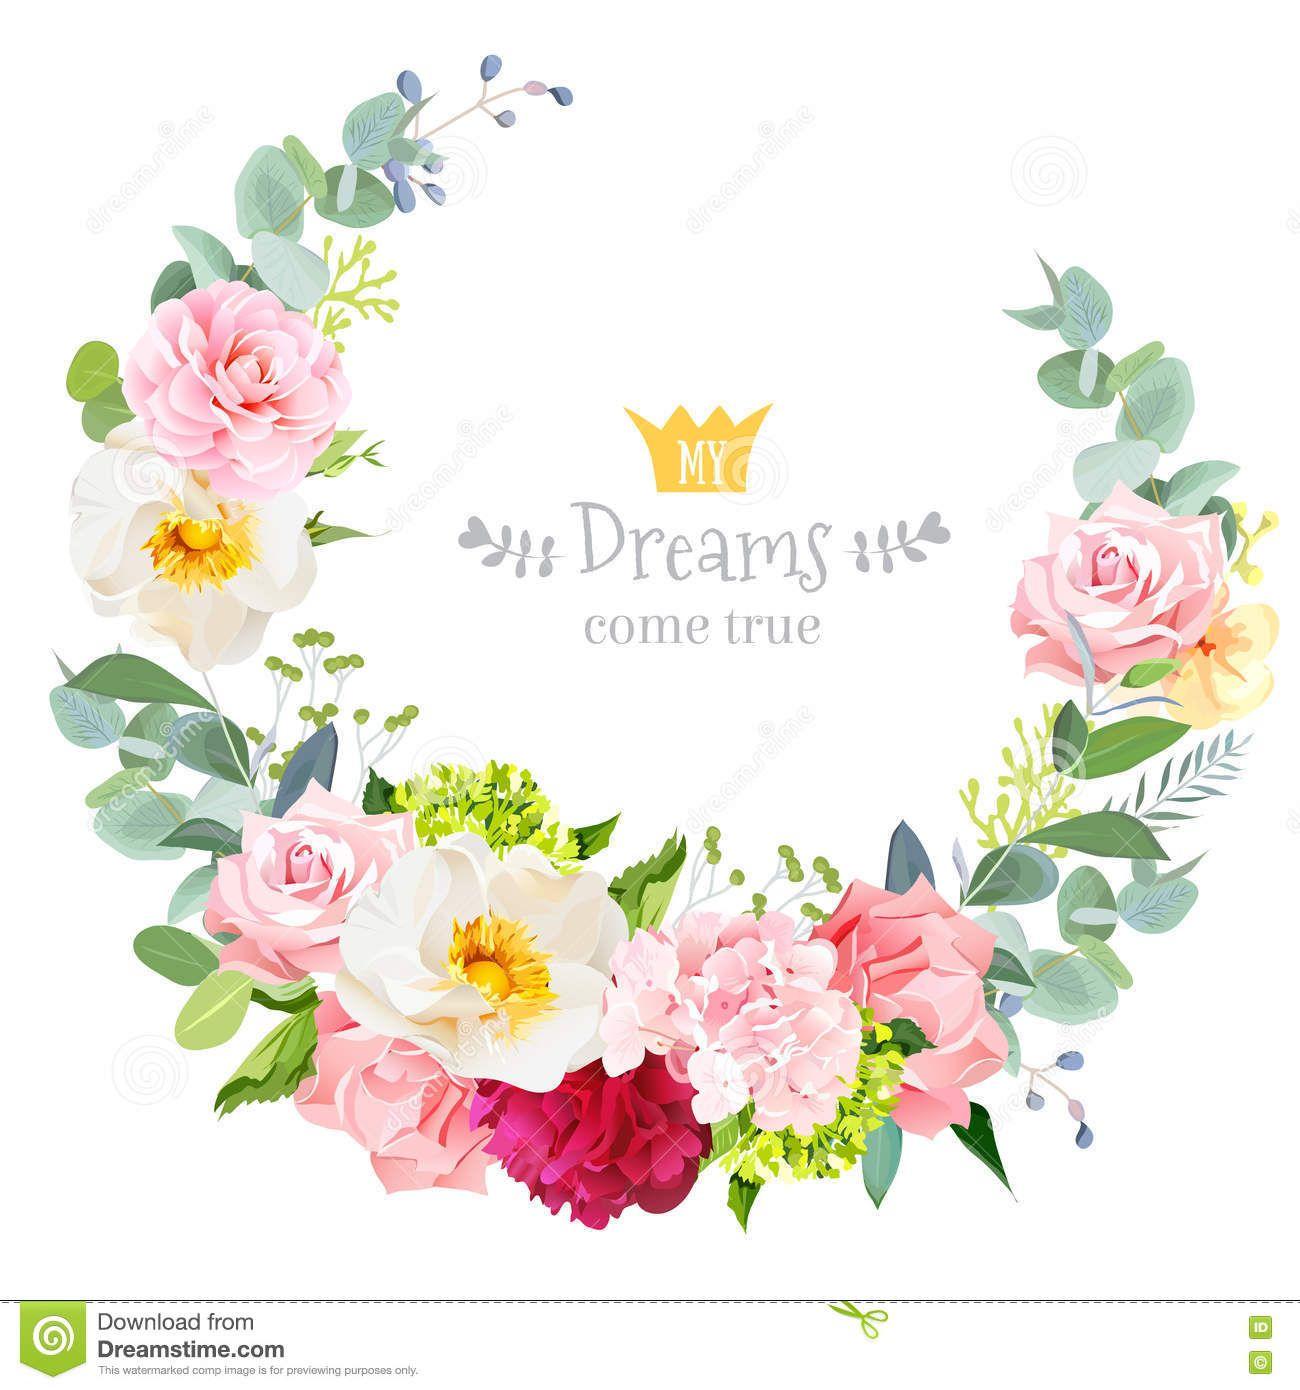 Download premium illustration of Blank floral frame design